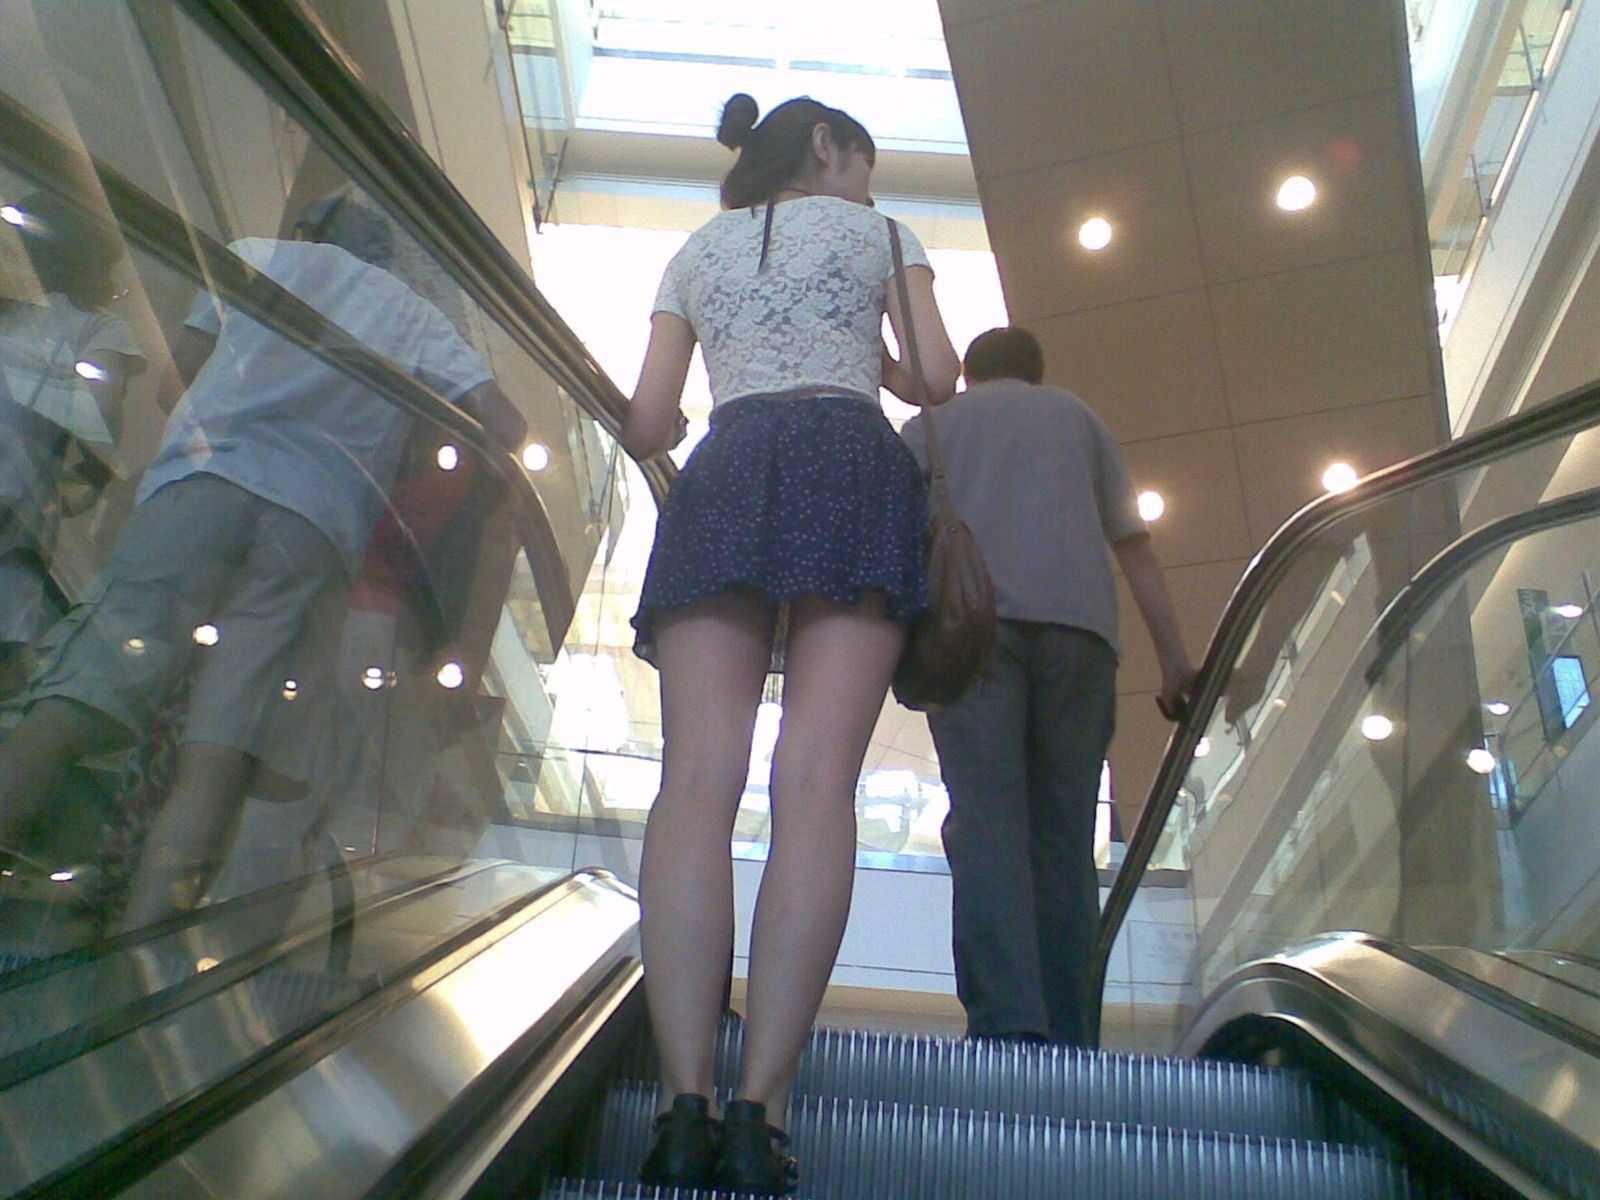 階段の上でパンチラ (17)